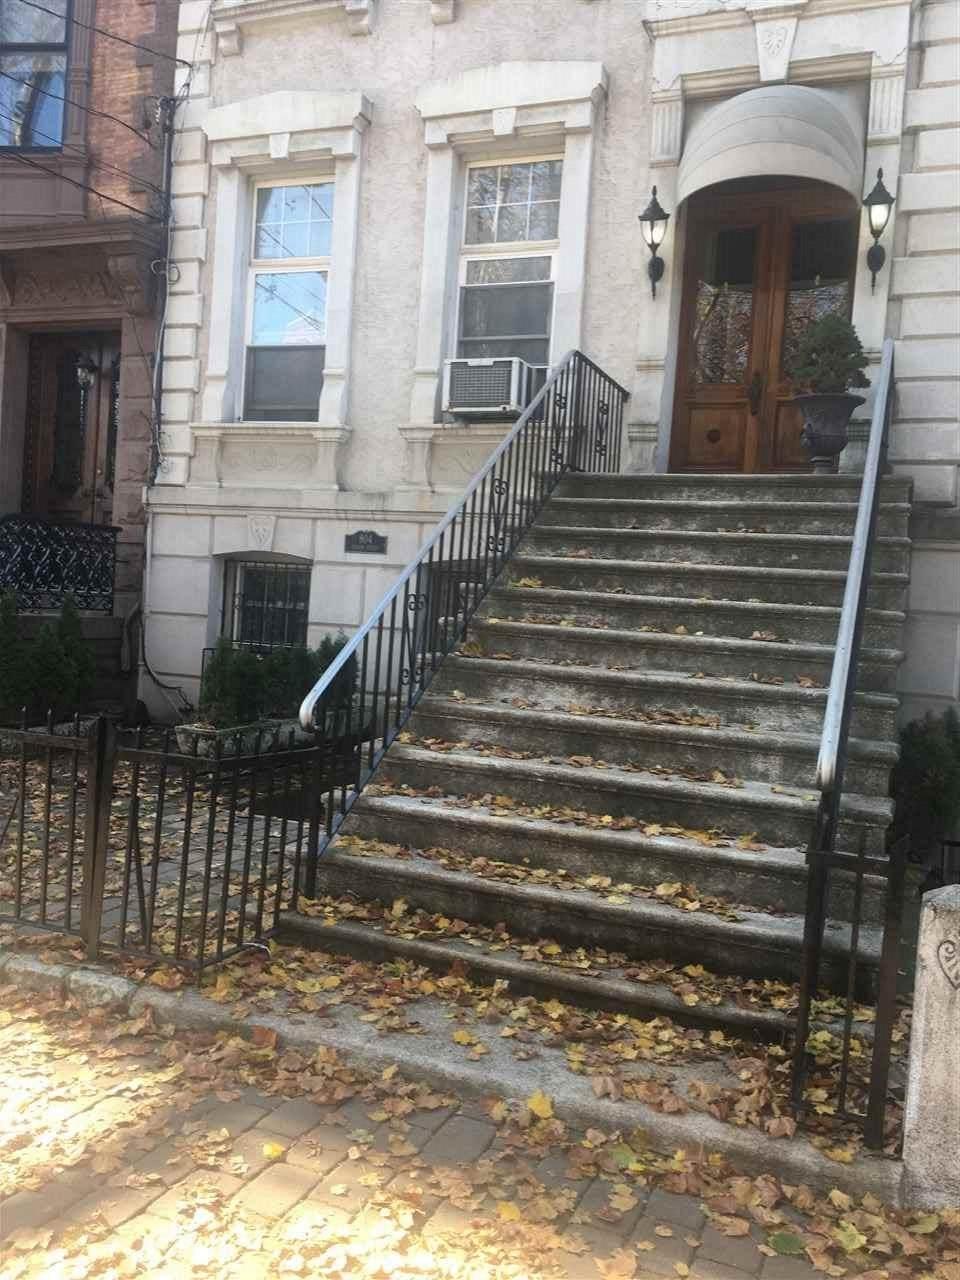 804 Hudson St - Photo 1